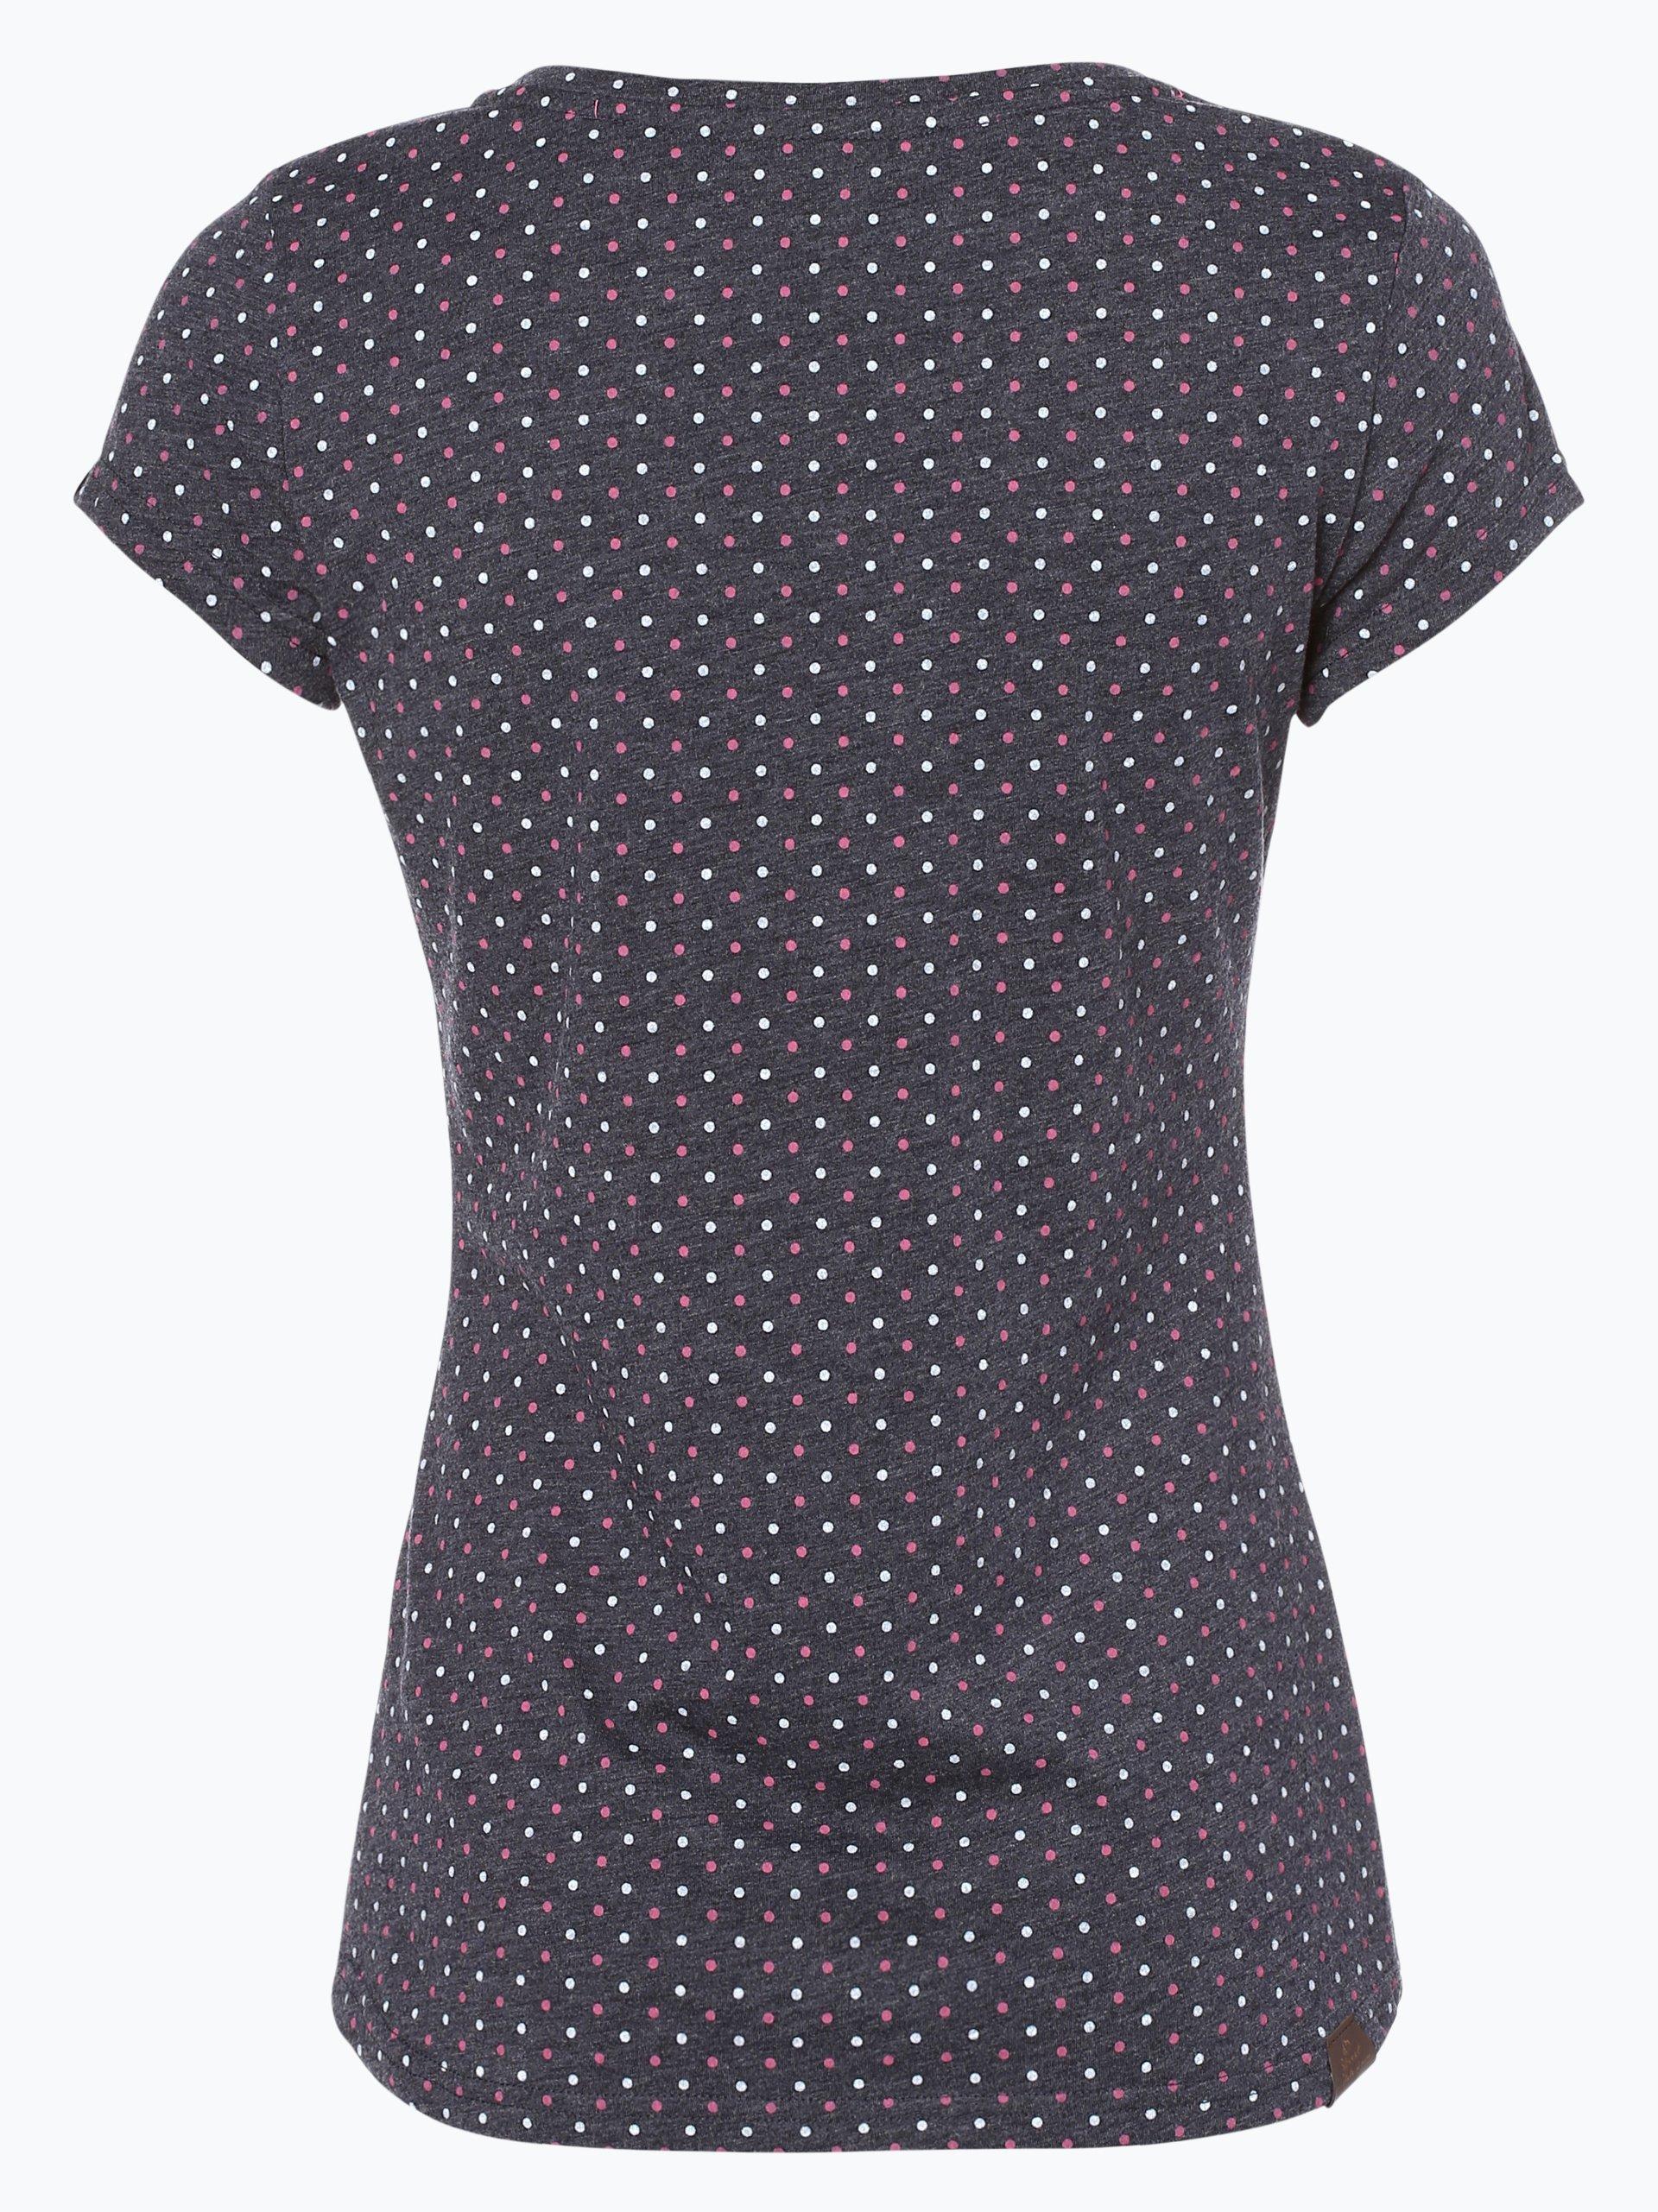 Ragwear Damen T Shirt Online Kaufen Vangraaf Com